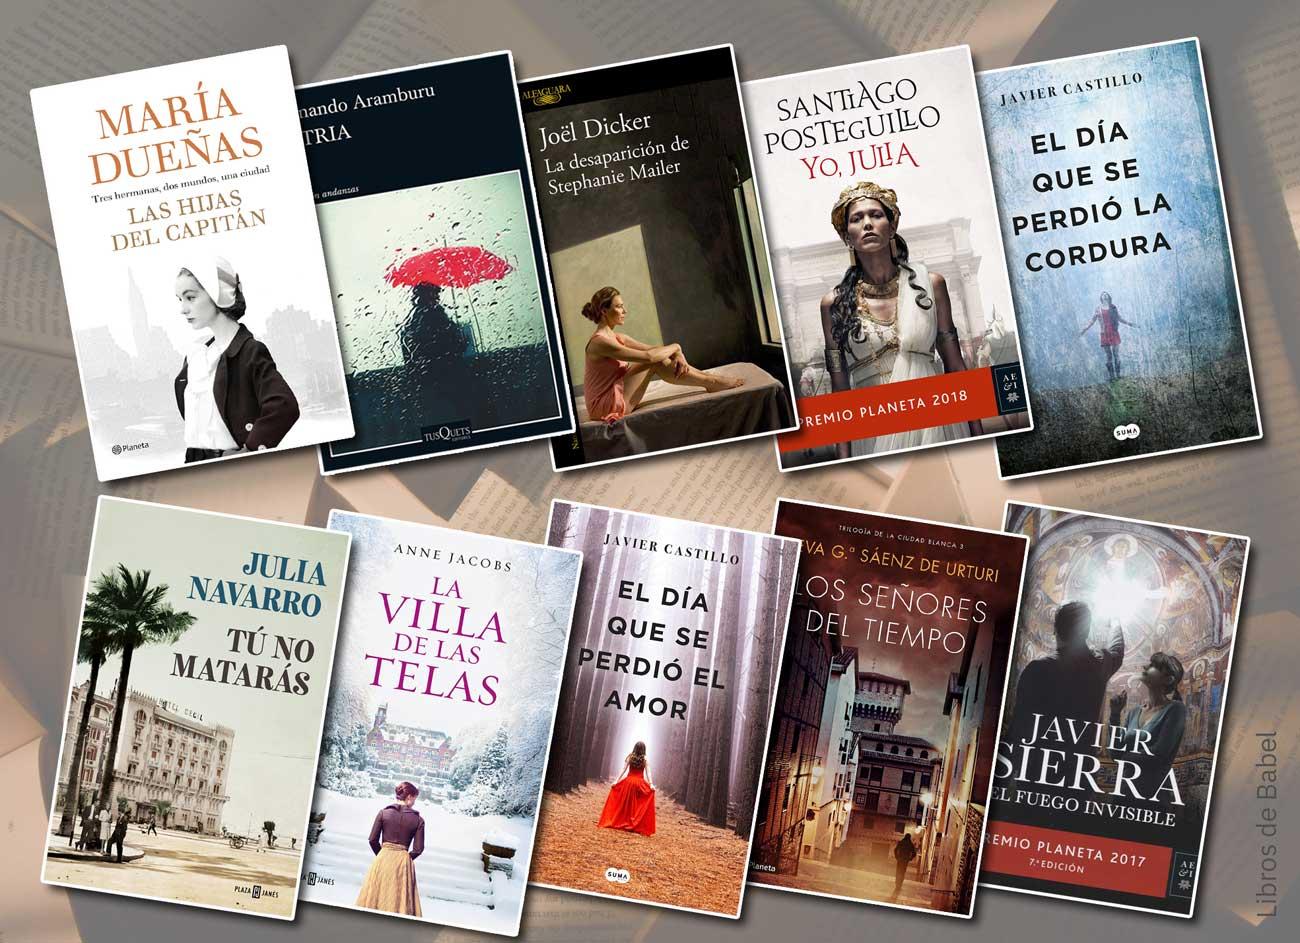 Los libros más vendidos en 2018 en las librerías españolas